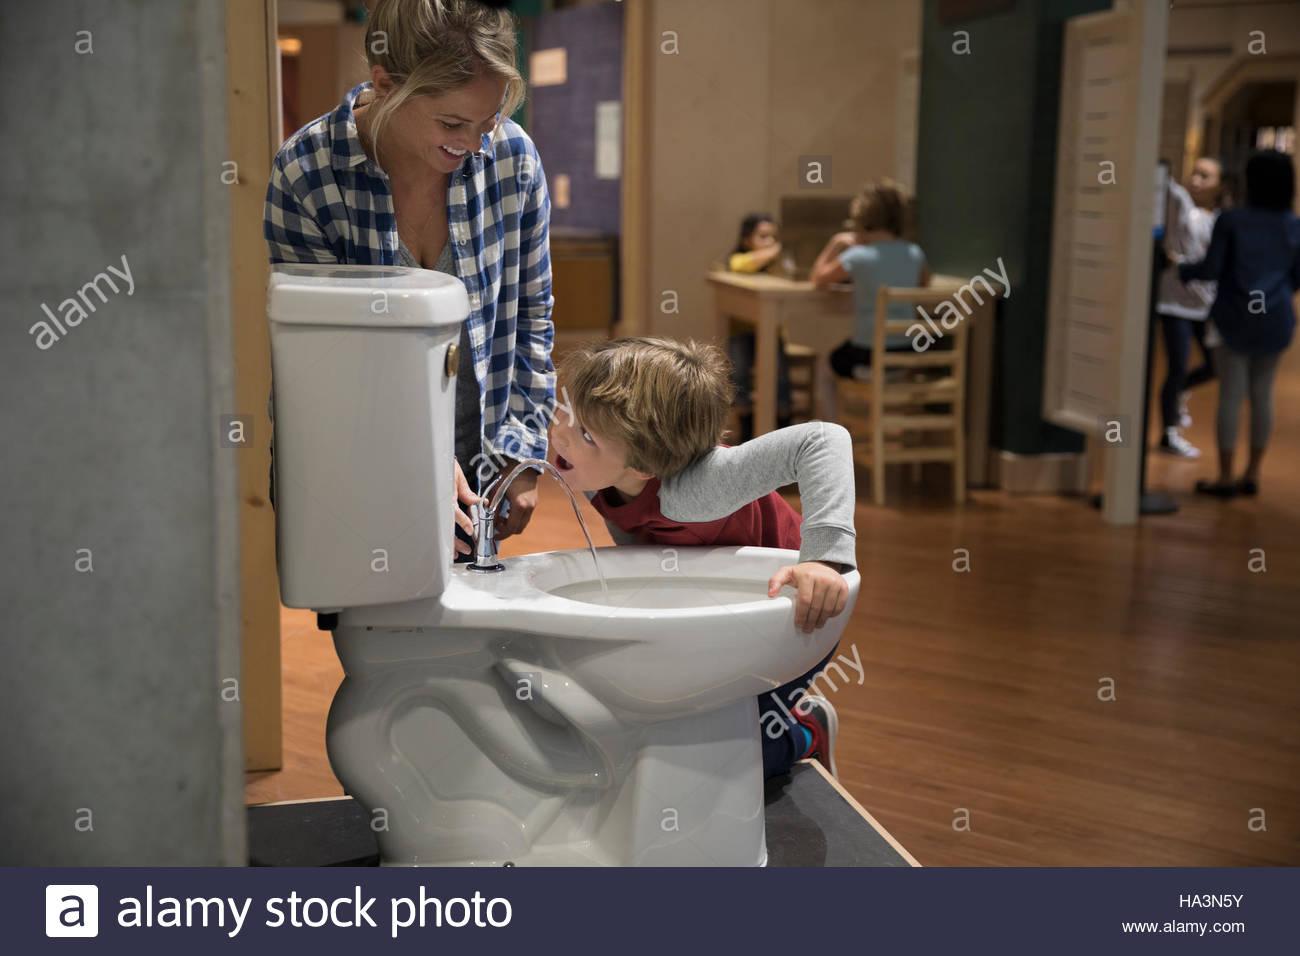 Child Toilet Stock Photos & Child Toilet Stock Images